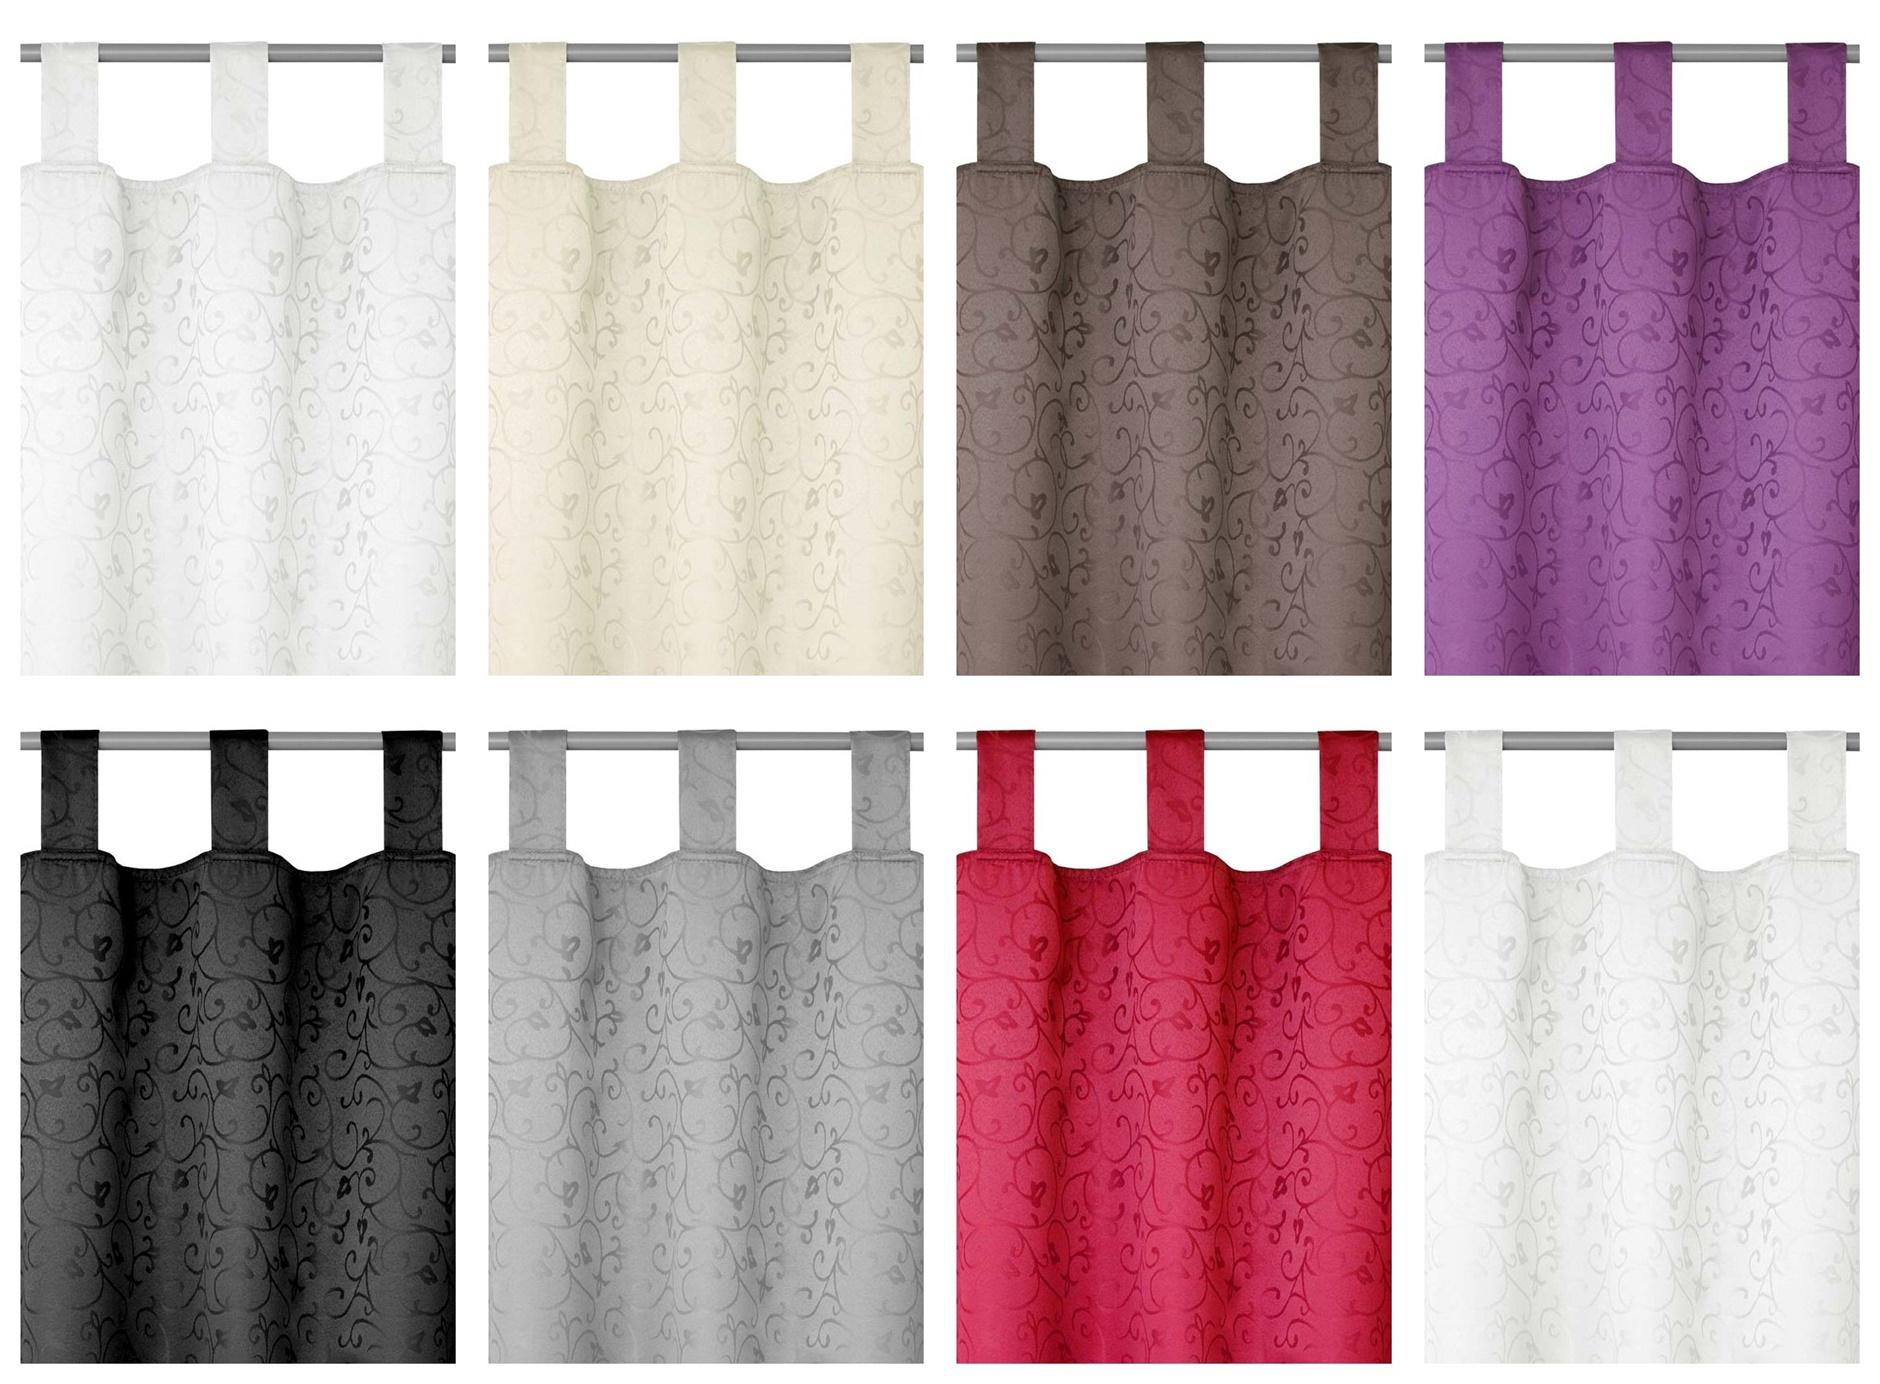 wachstuch tischdecke gepr gt abwaschbar mit fleecer cken verschiedene motive ebay. Black Bedroom Furniture Sets. Home Design Ideas